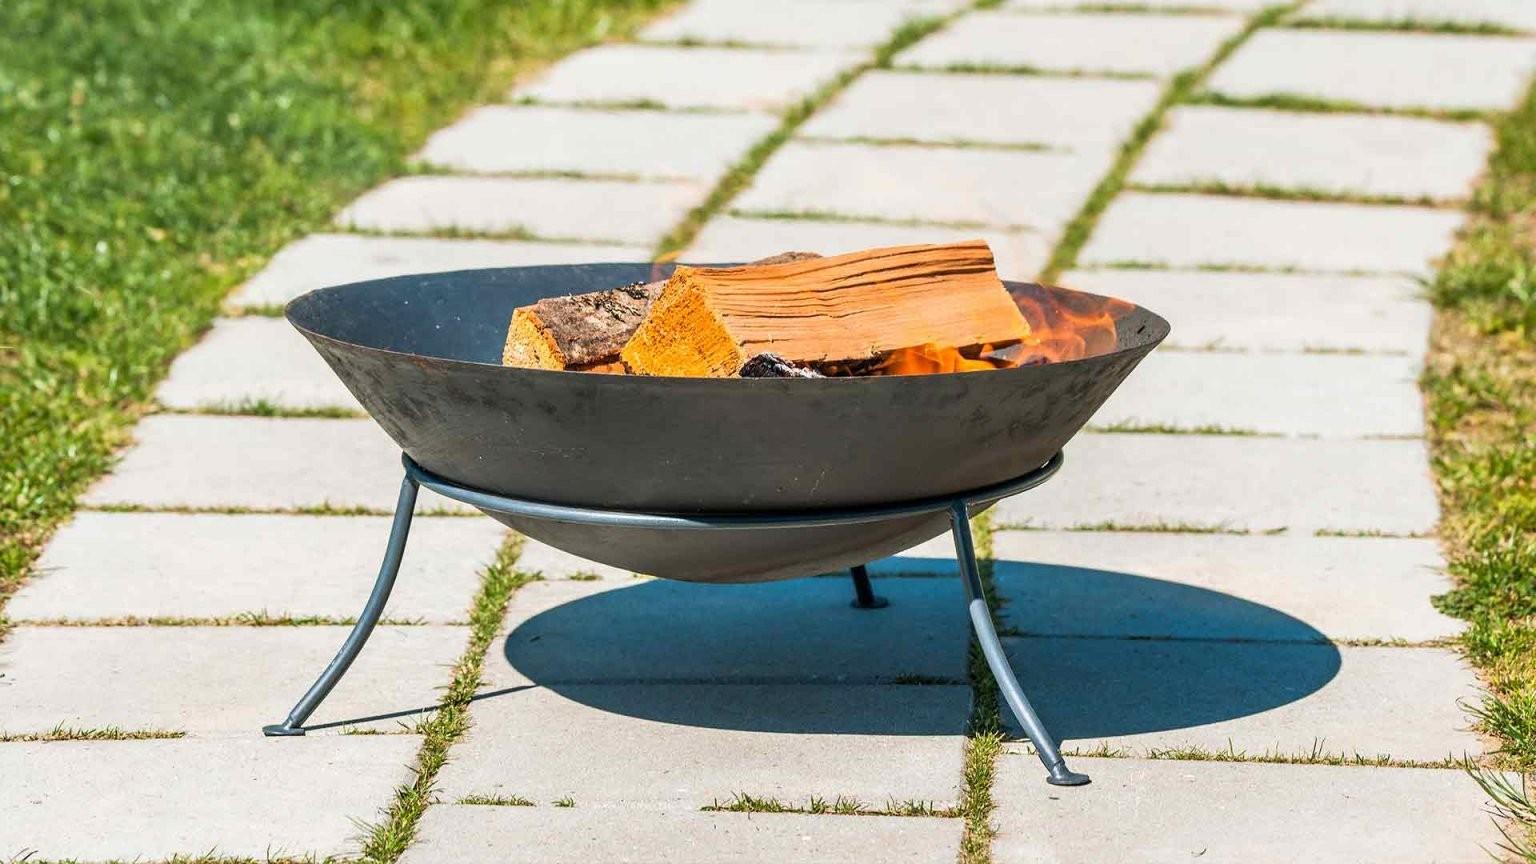 Feuer Im Garten Machen  Was Ist Erlaubt  Welche Möglichkeiten Gibt Es von Offene Feuerstelle Im Garten Erlaubt Bild